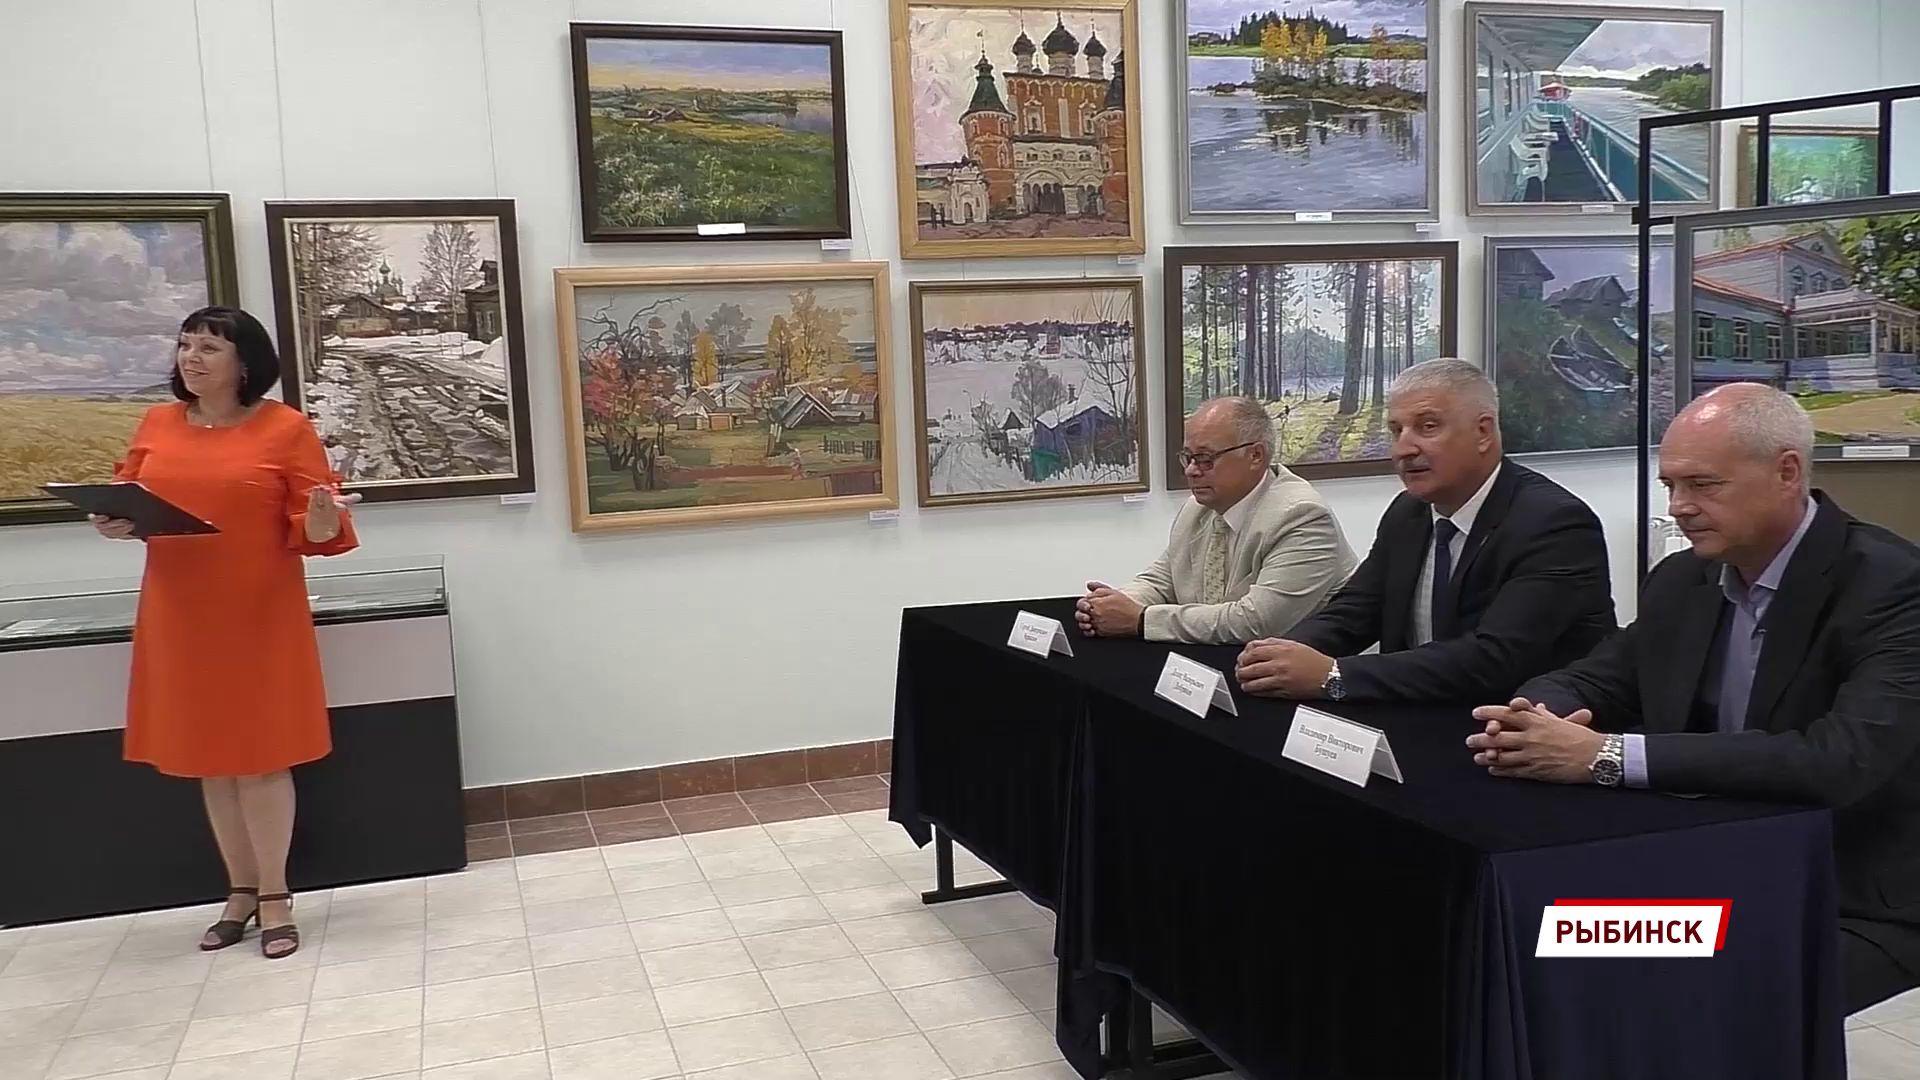 В Рыбинске состоялась торжественная процедура гашения почтовой марки, посвященной̆ адмиралу Федору Ушакову